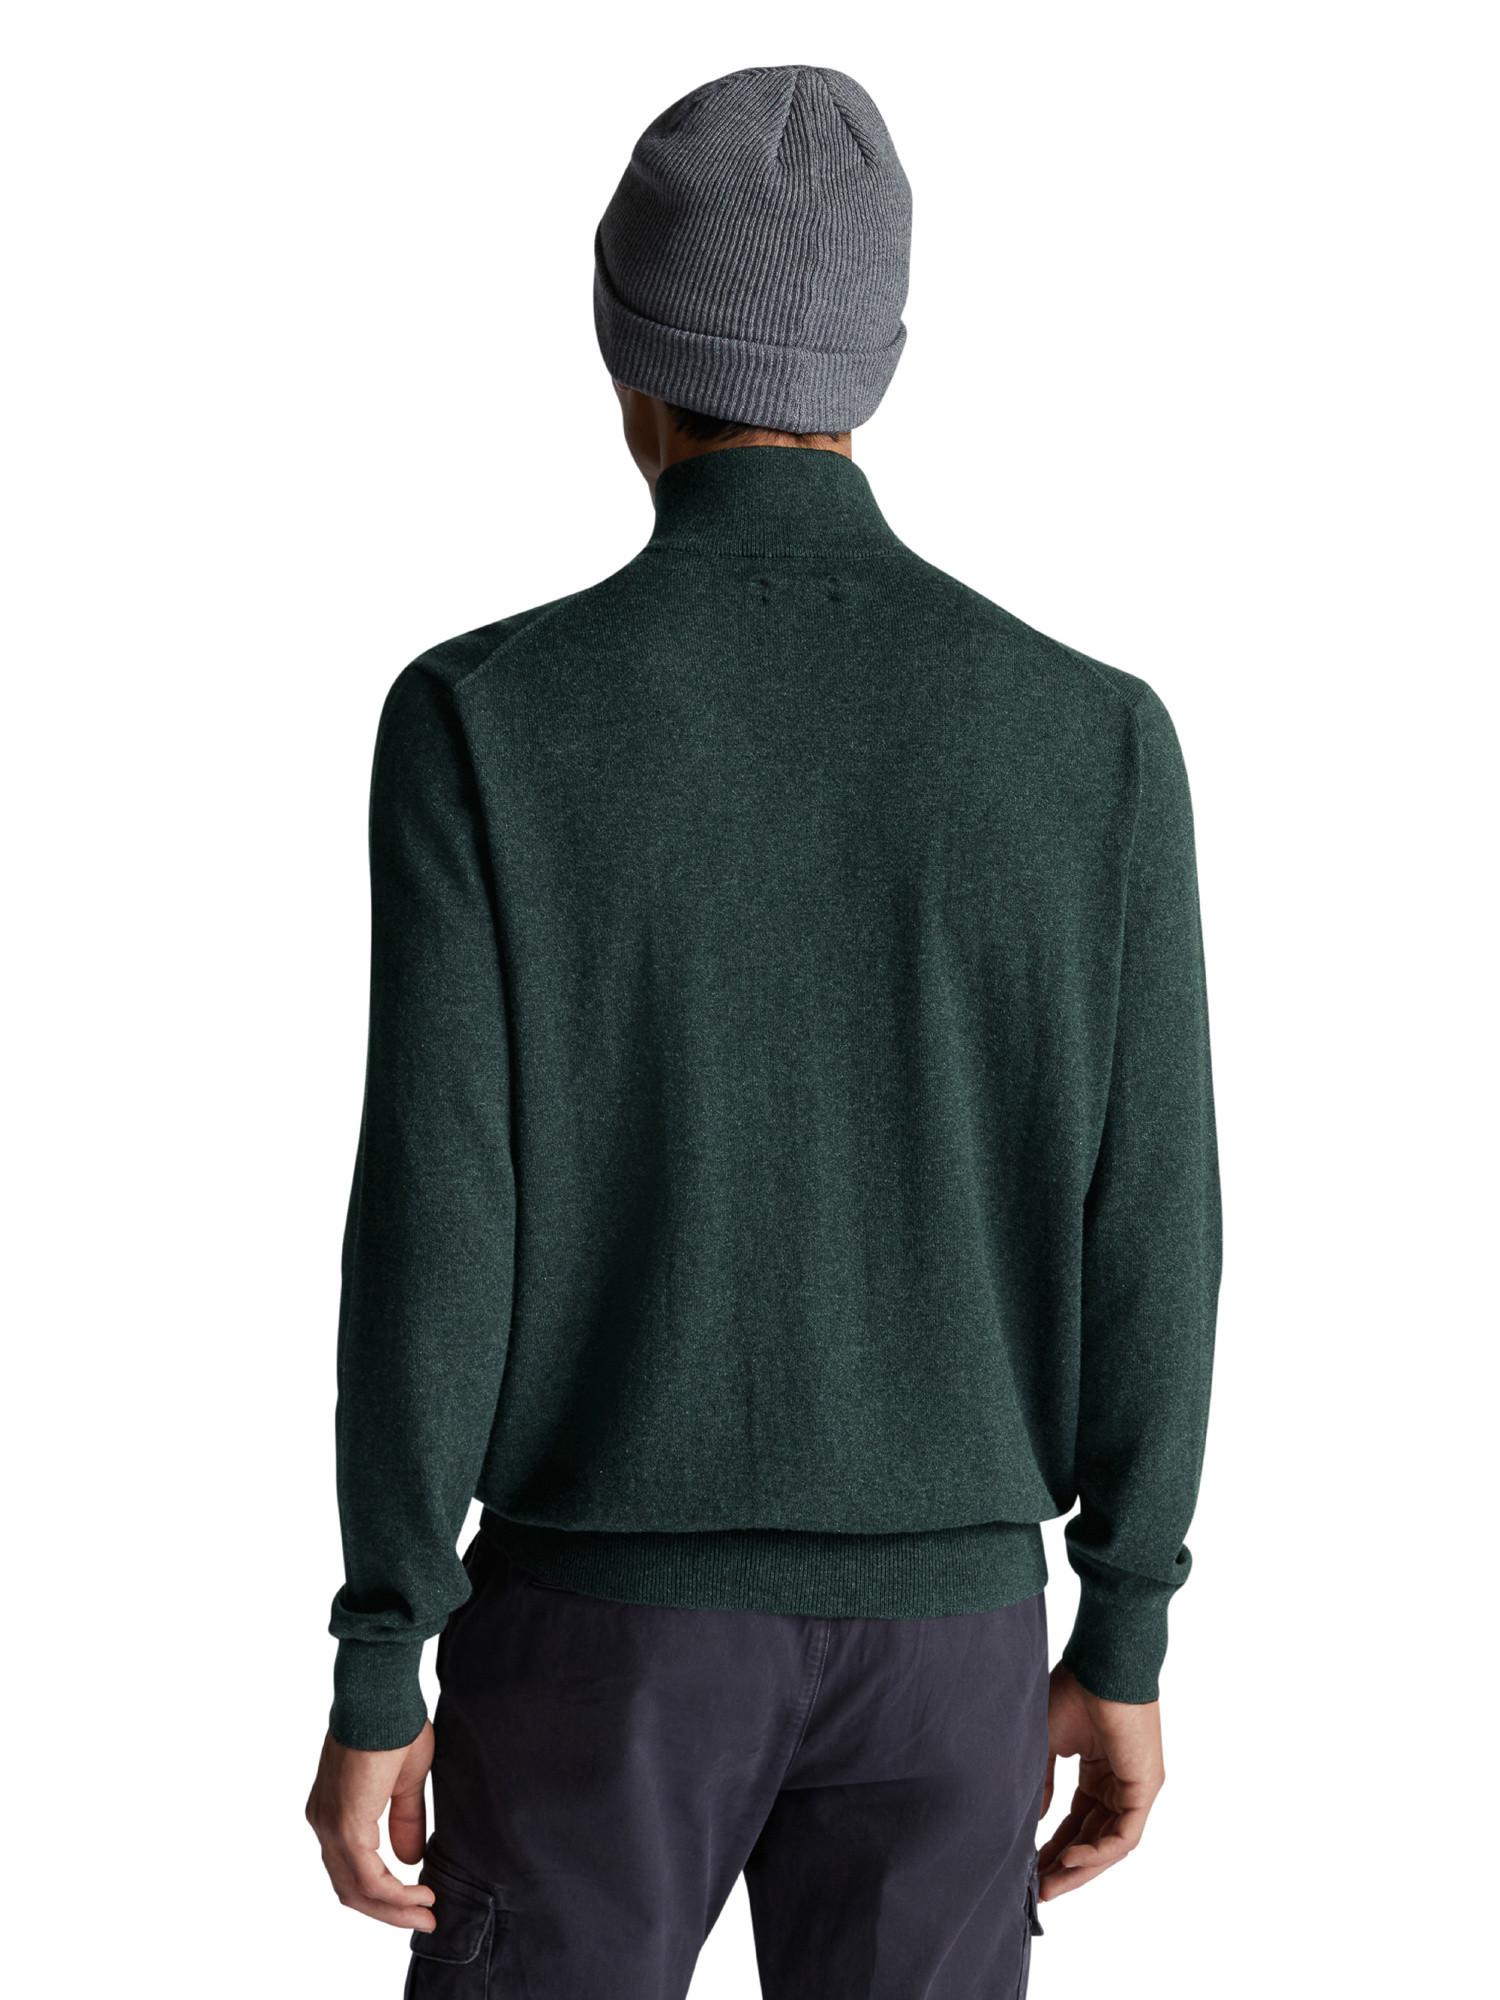 Maglione con scollo a V, Verde, large image number 2